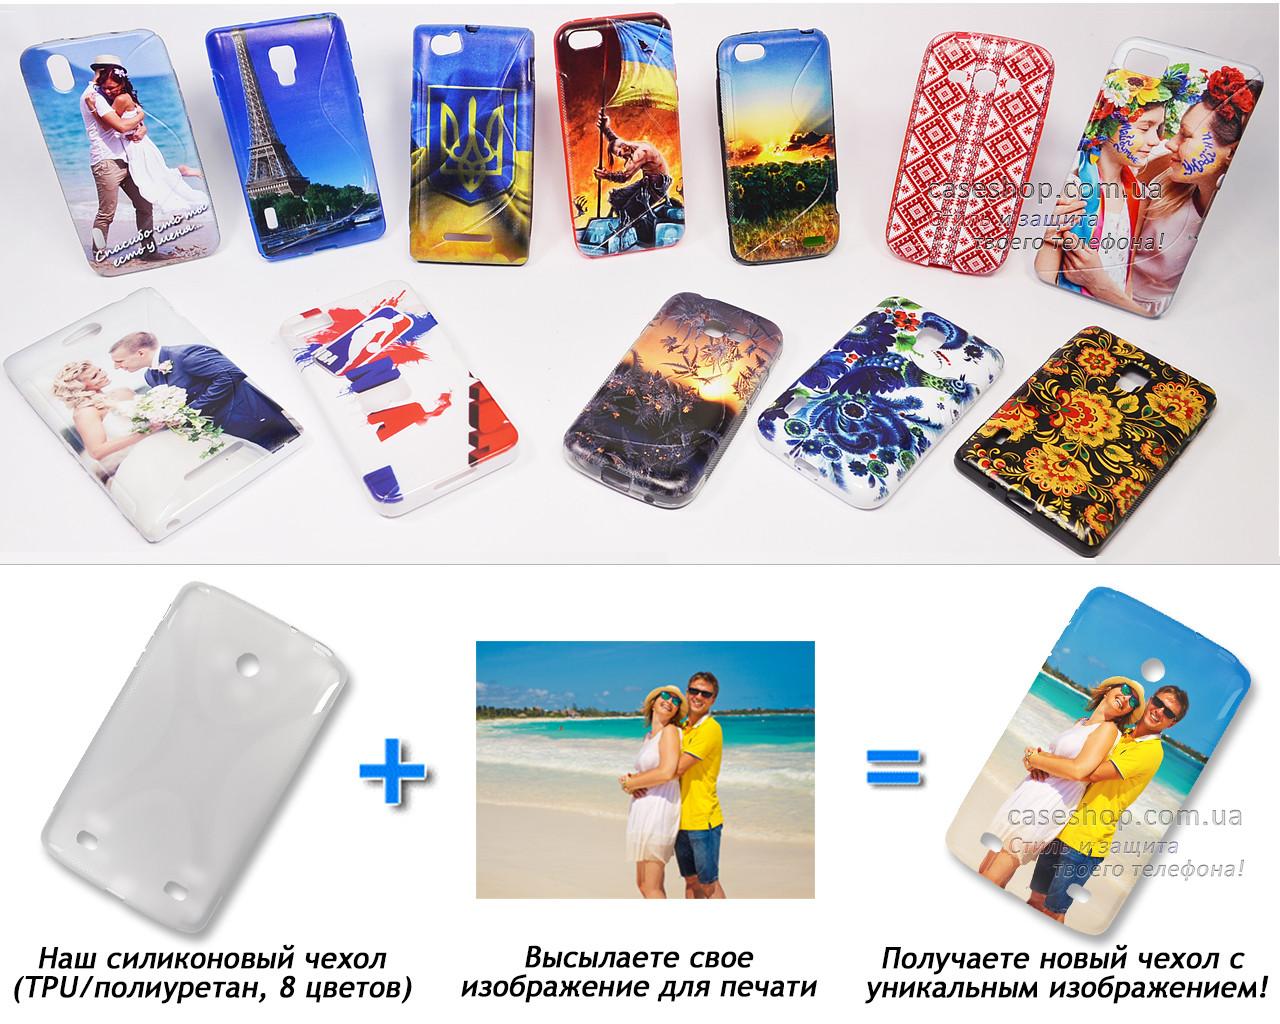 Печать на чехле для LG G Pad 7.0 v400 (Cиликон/TPU)